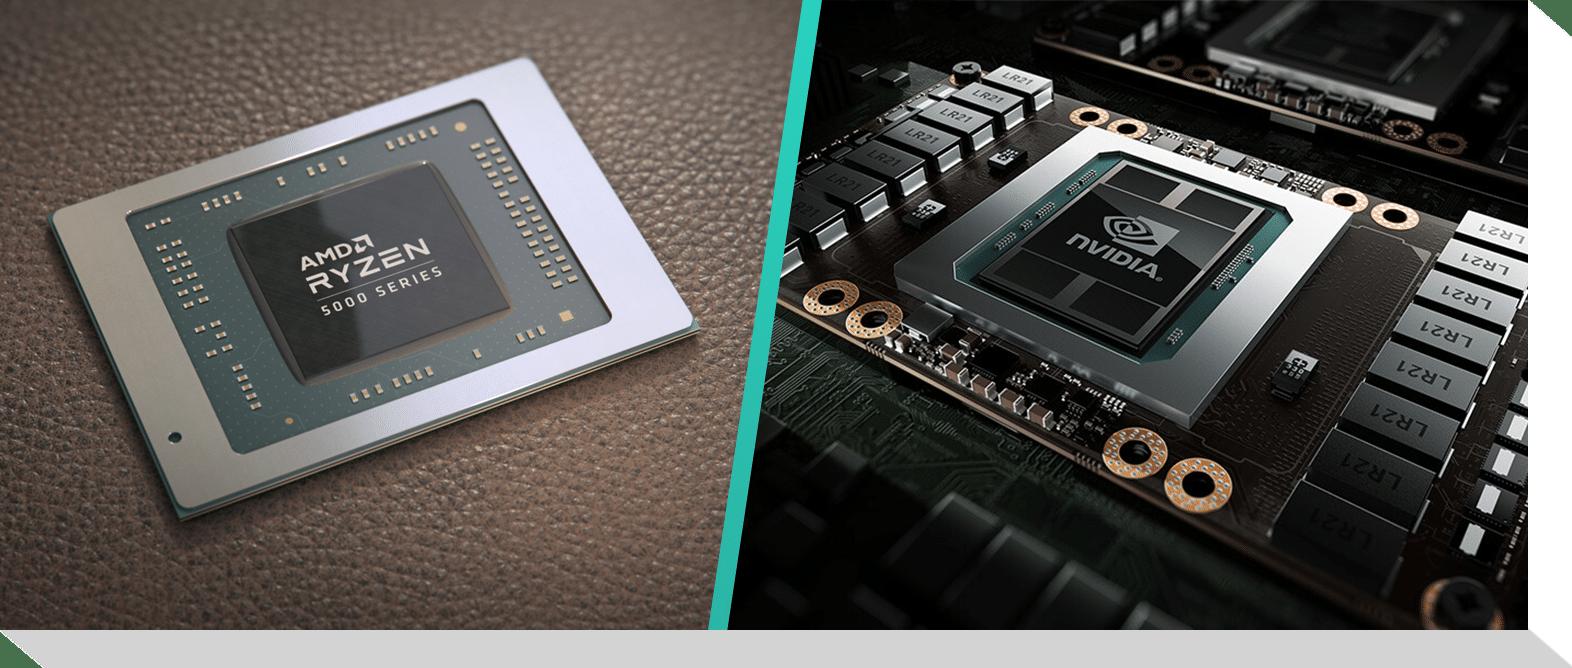 Zij-aan-zij afbeeldingen van respectievelijk een AMD Ryzen 5000-processor en een Nvidia GeForce RTX 3000 grafische chipset.